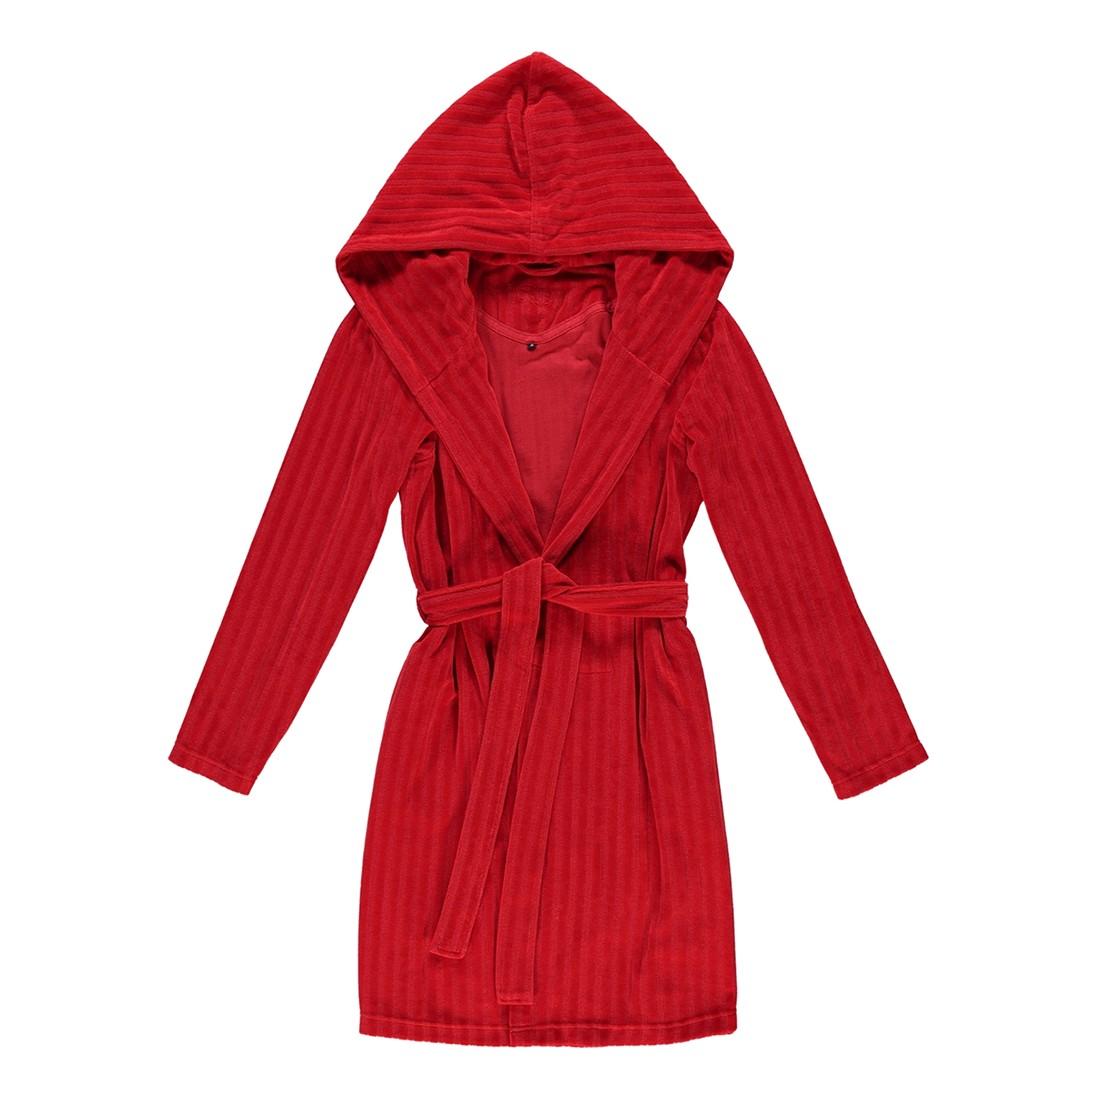 Bademantel Ruby – Damen Velours – 80% Baumwolle, 20% Polyester Purpur – 3705 – Größe: XS, Vossen günstig online kaufen